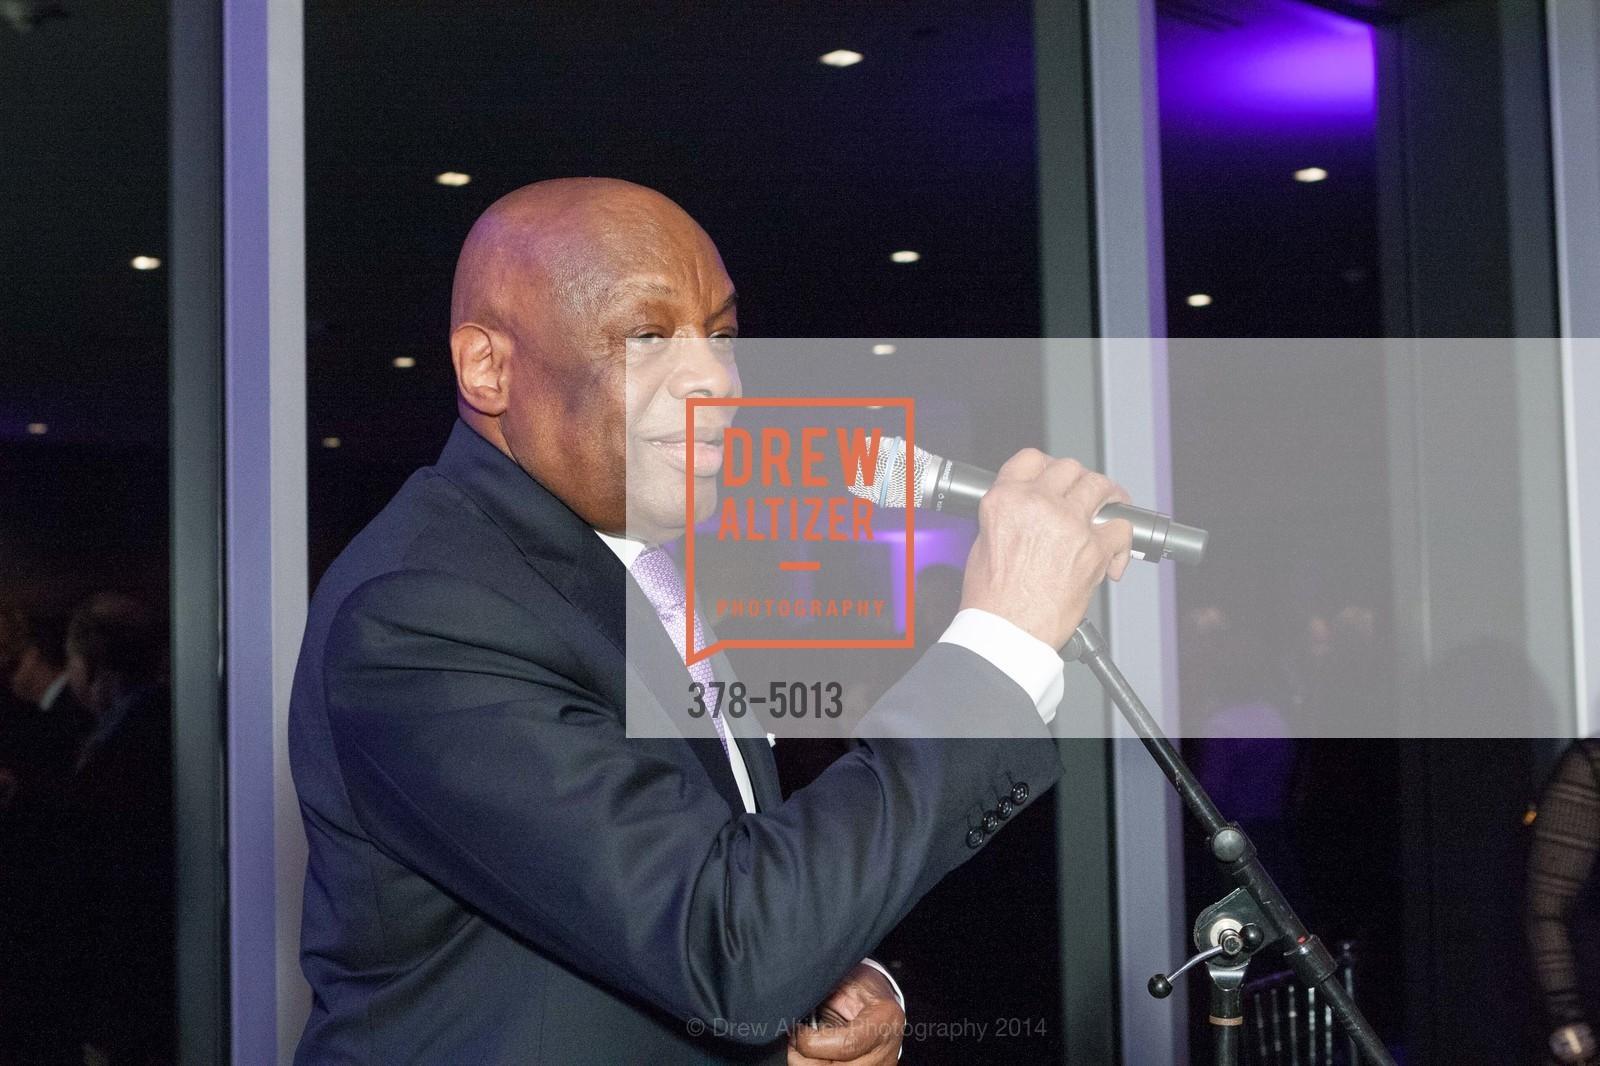 Willie Brown, Photo #378-5013